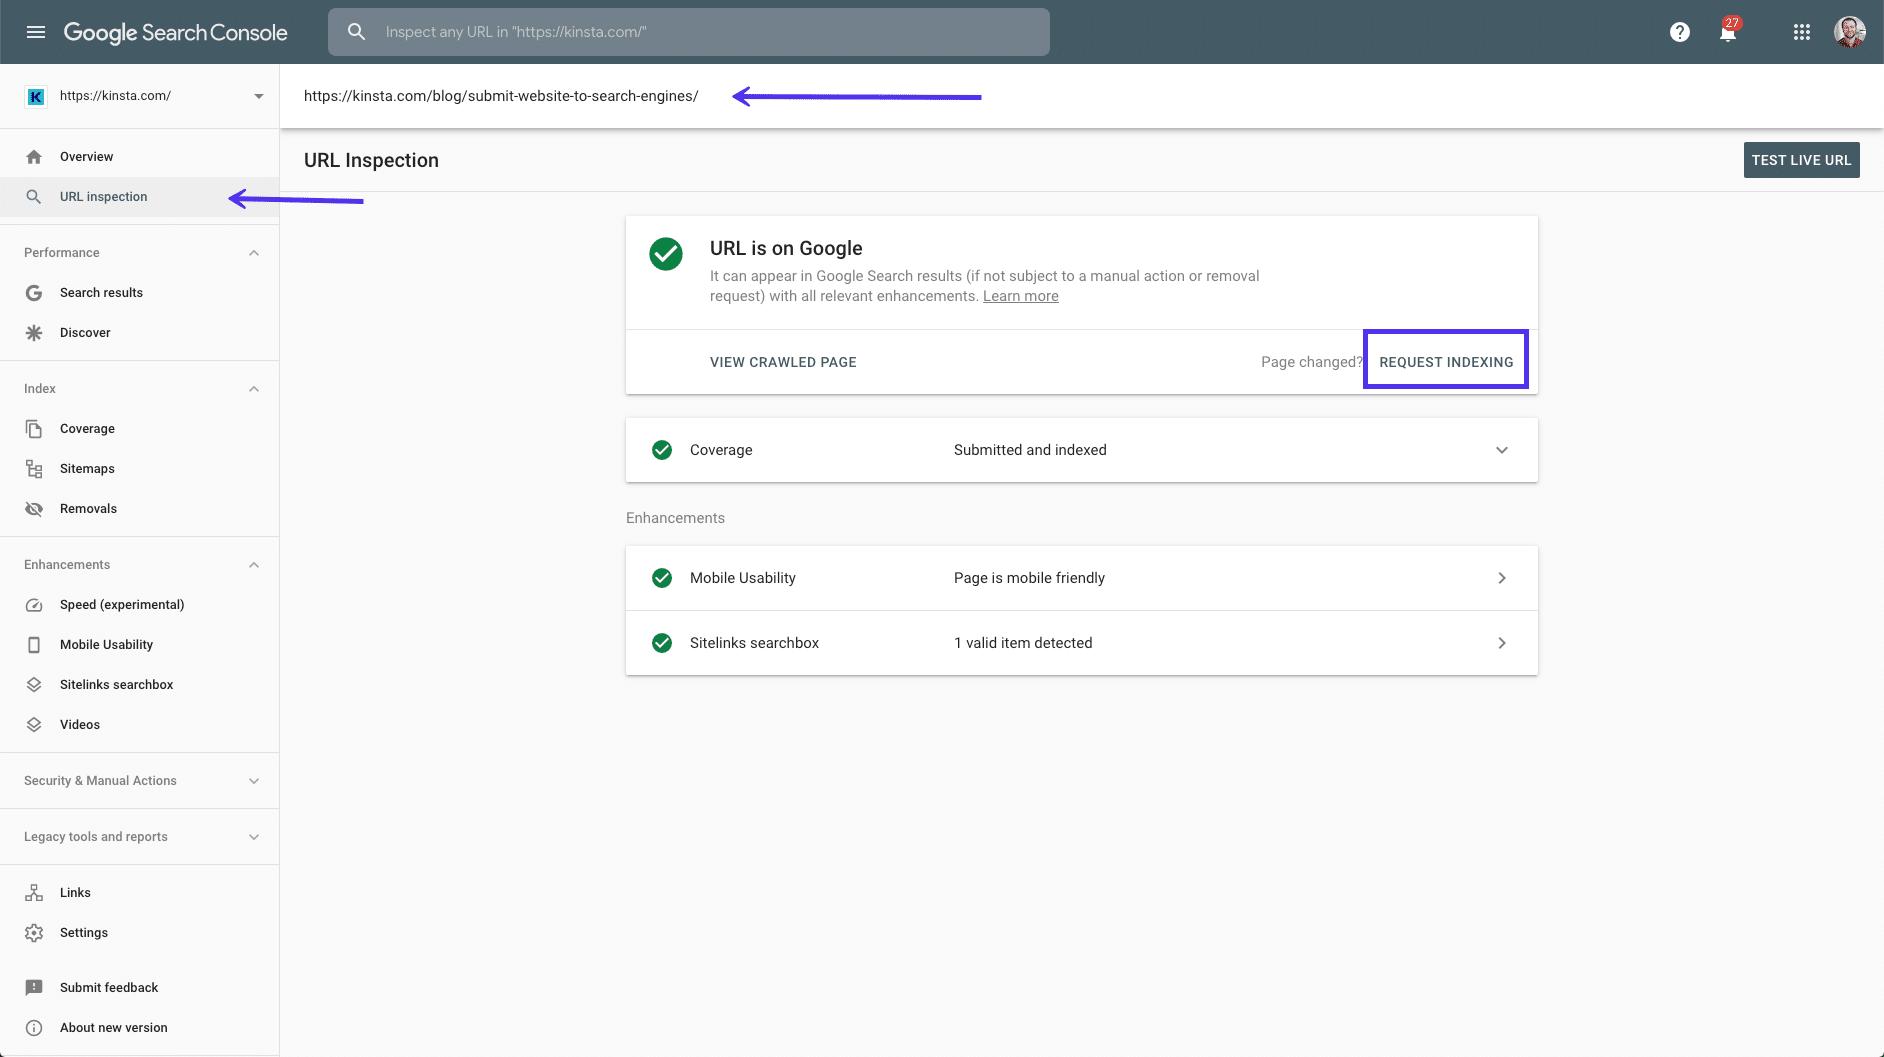 L'opzione Inspect per gli URL nella Google Search Console